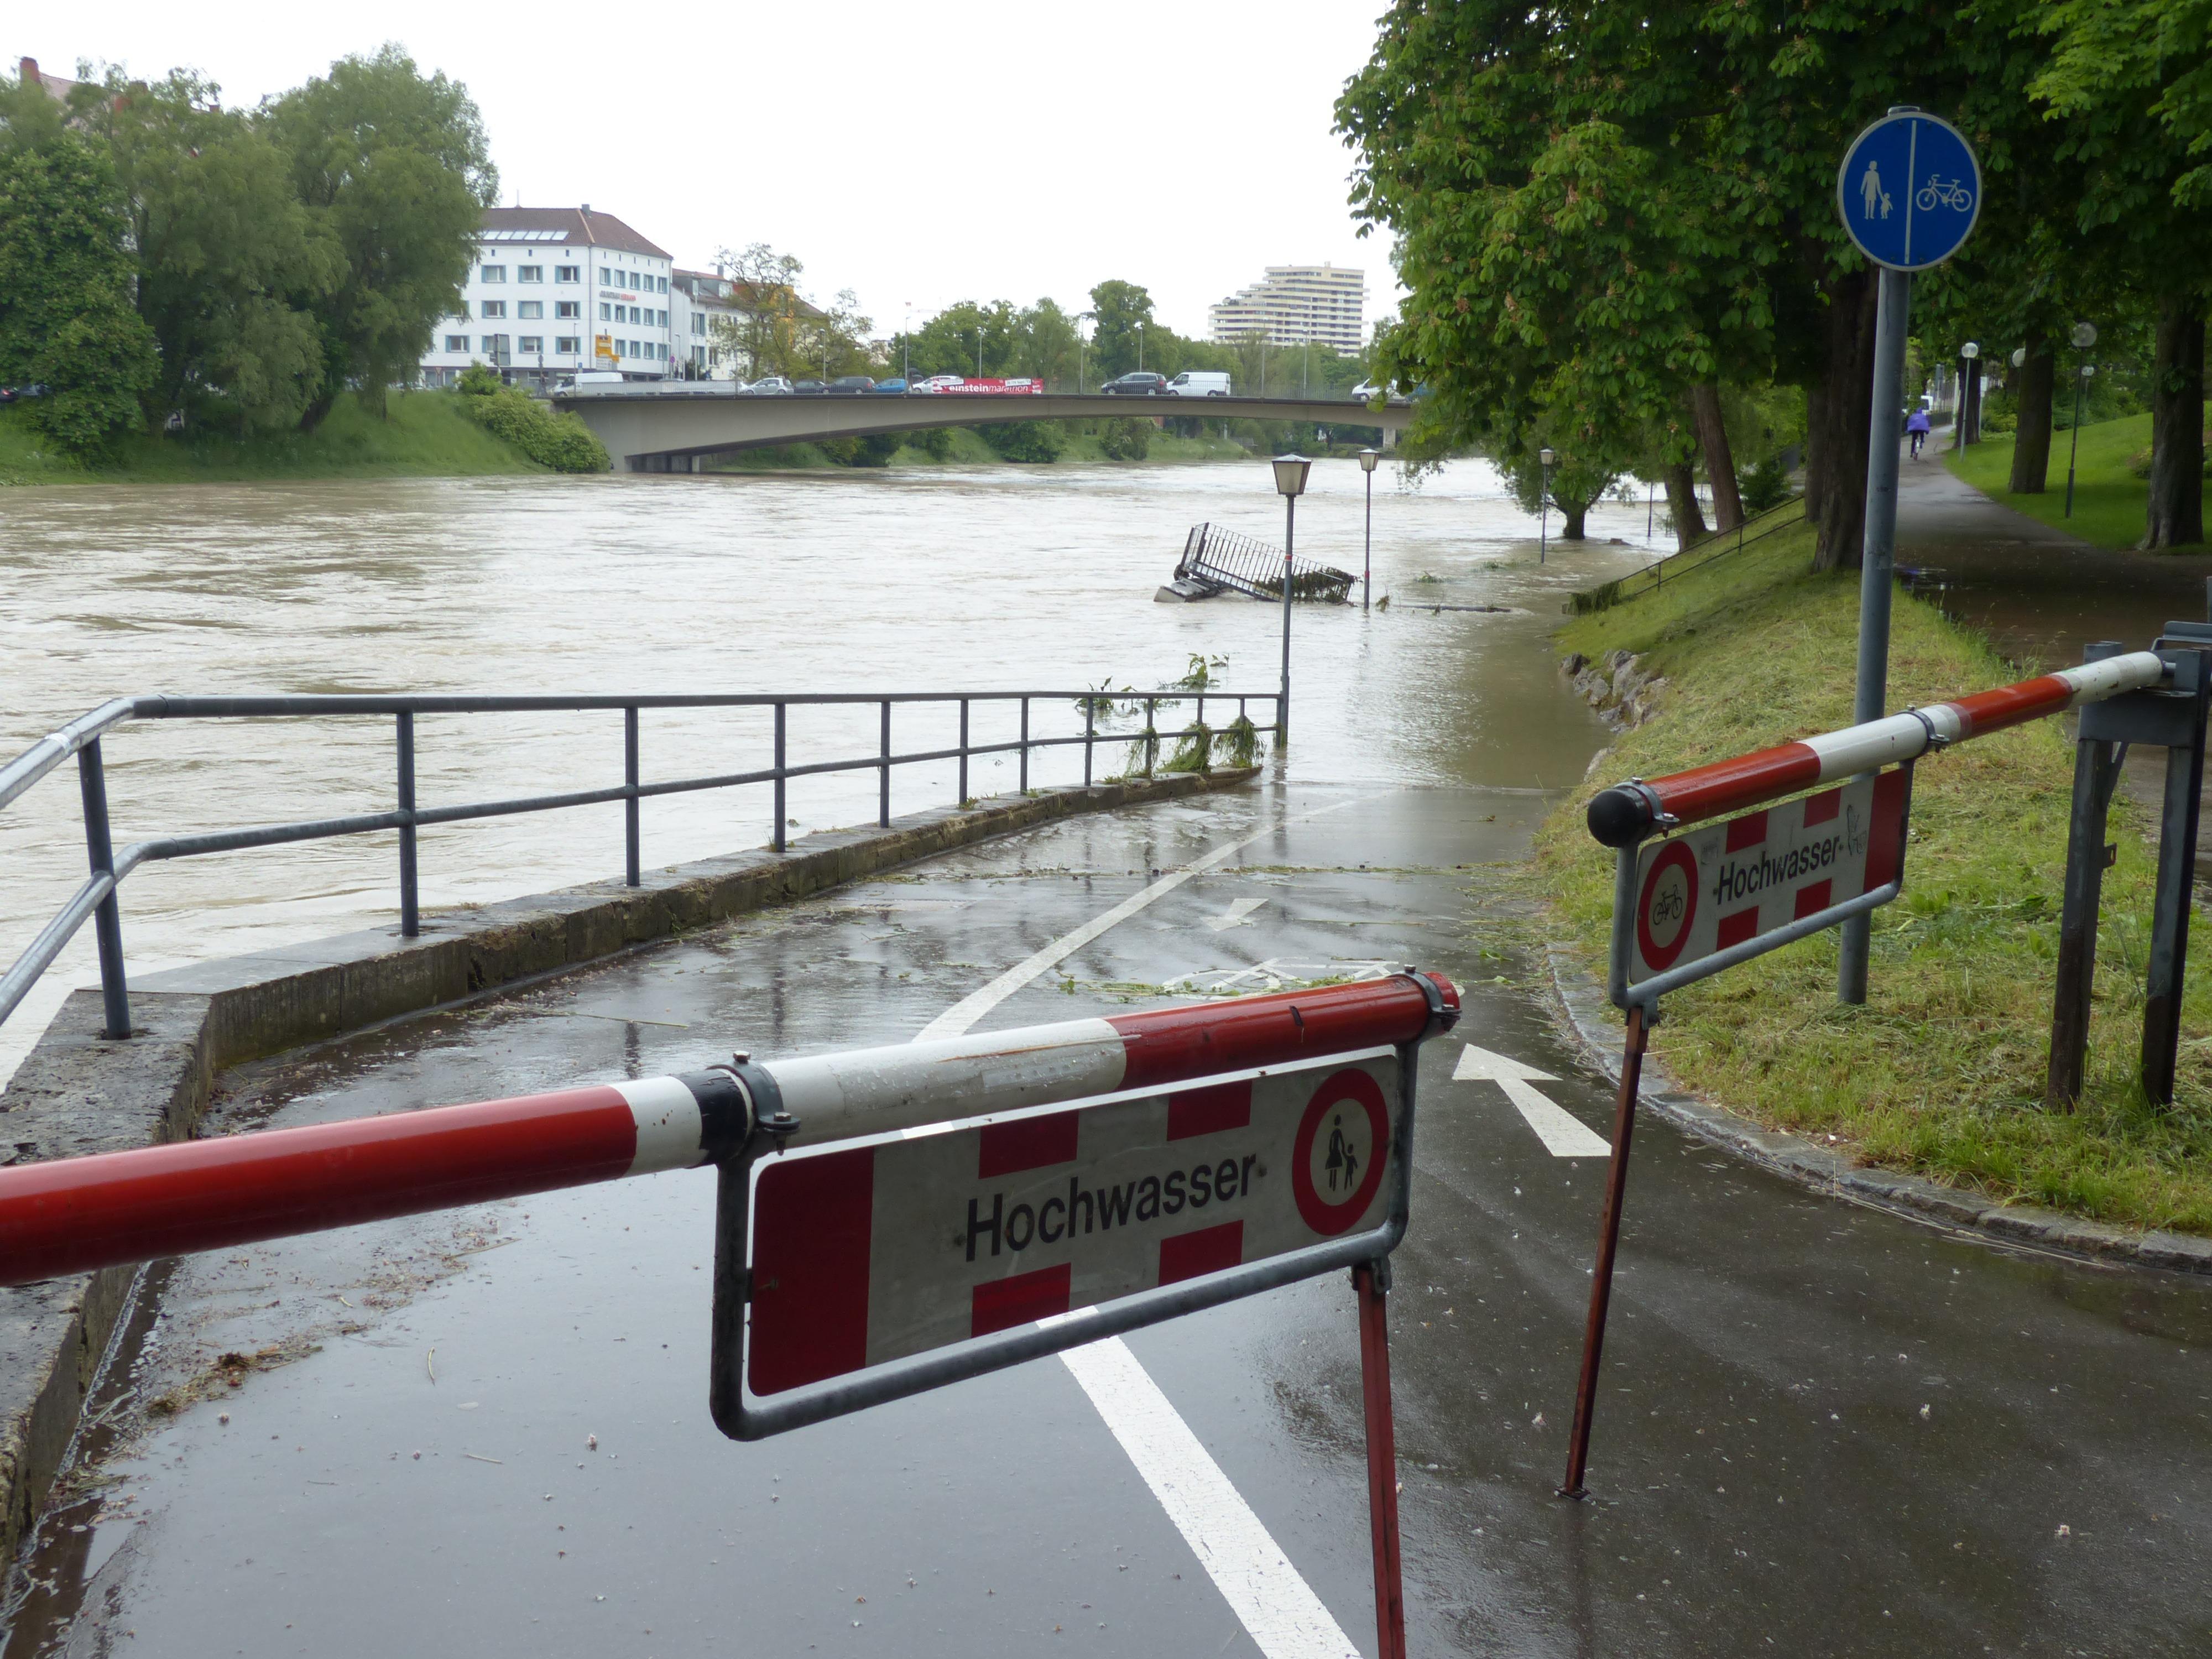 Elementarschäden, Hochwasser, Hagel, Sturm, Blitz